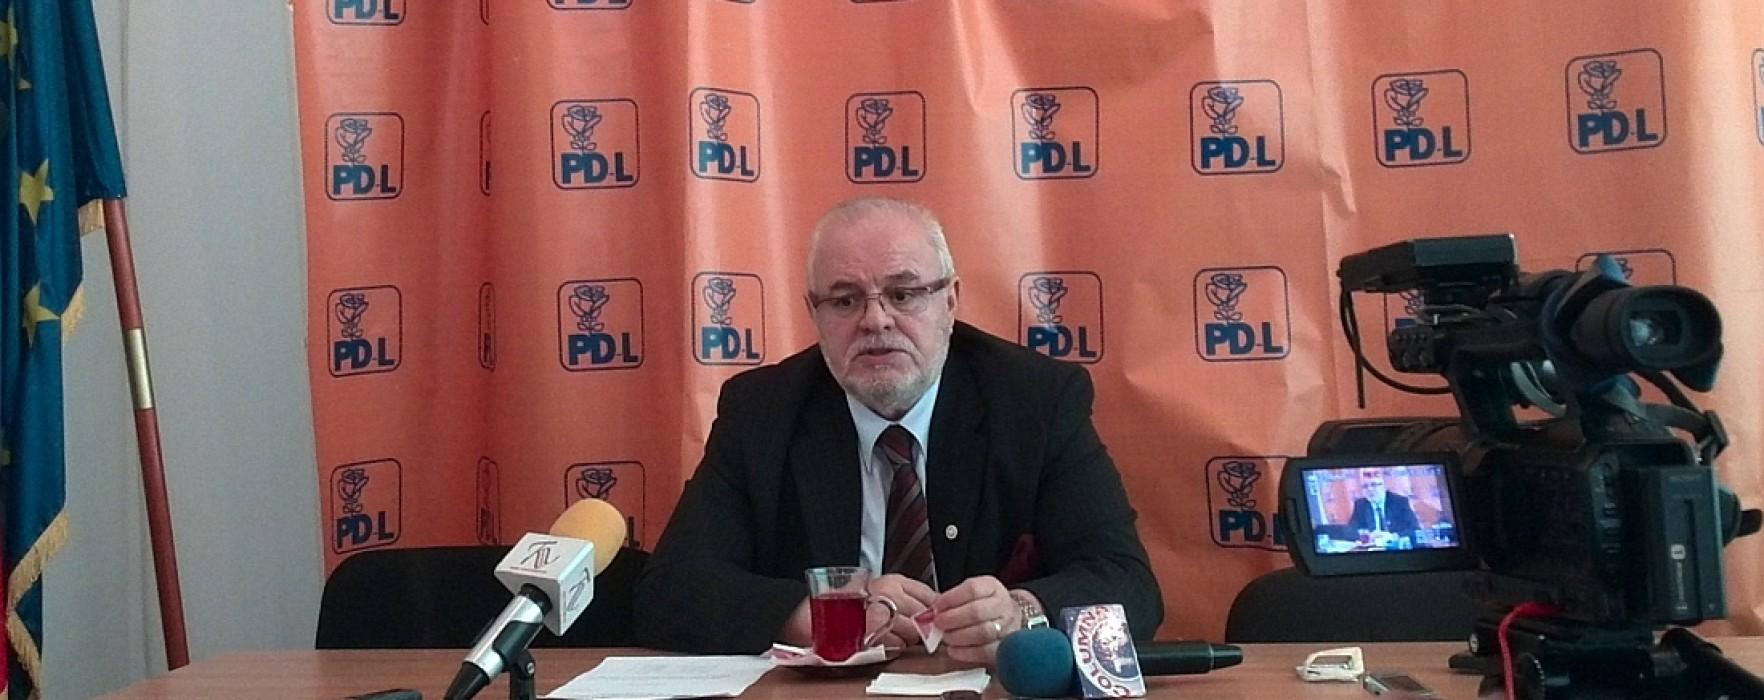 Marin Antonescu (PDL): În consiliul judeţean este o majoritate PSD-PNL, nu are rost să ne entuziasmăm